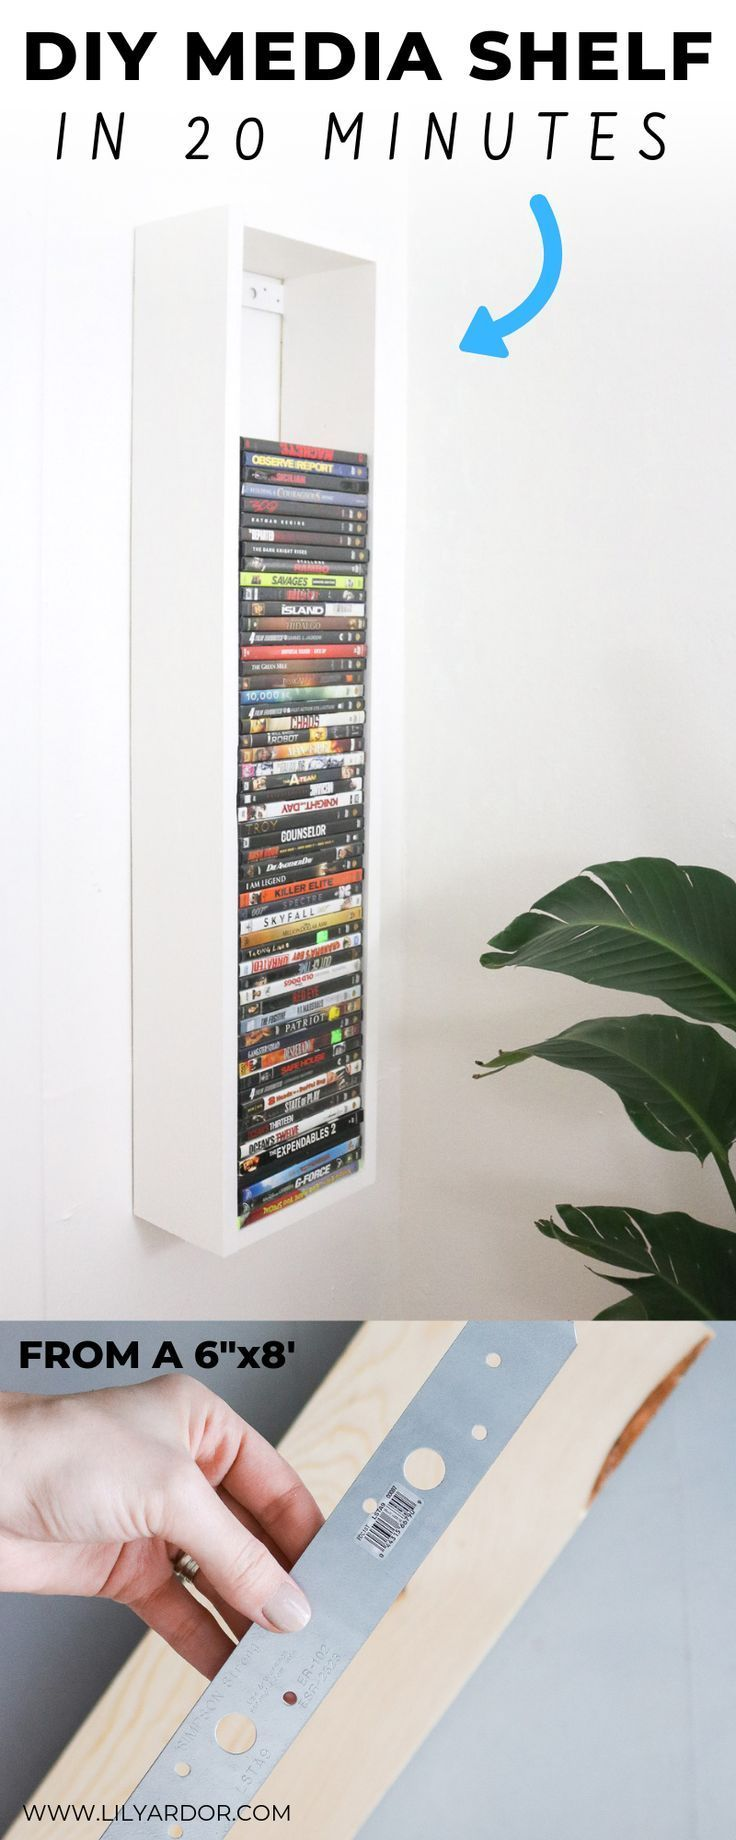 DIY Media Shelf in 20 Minutes